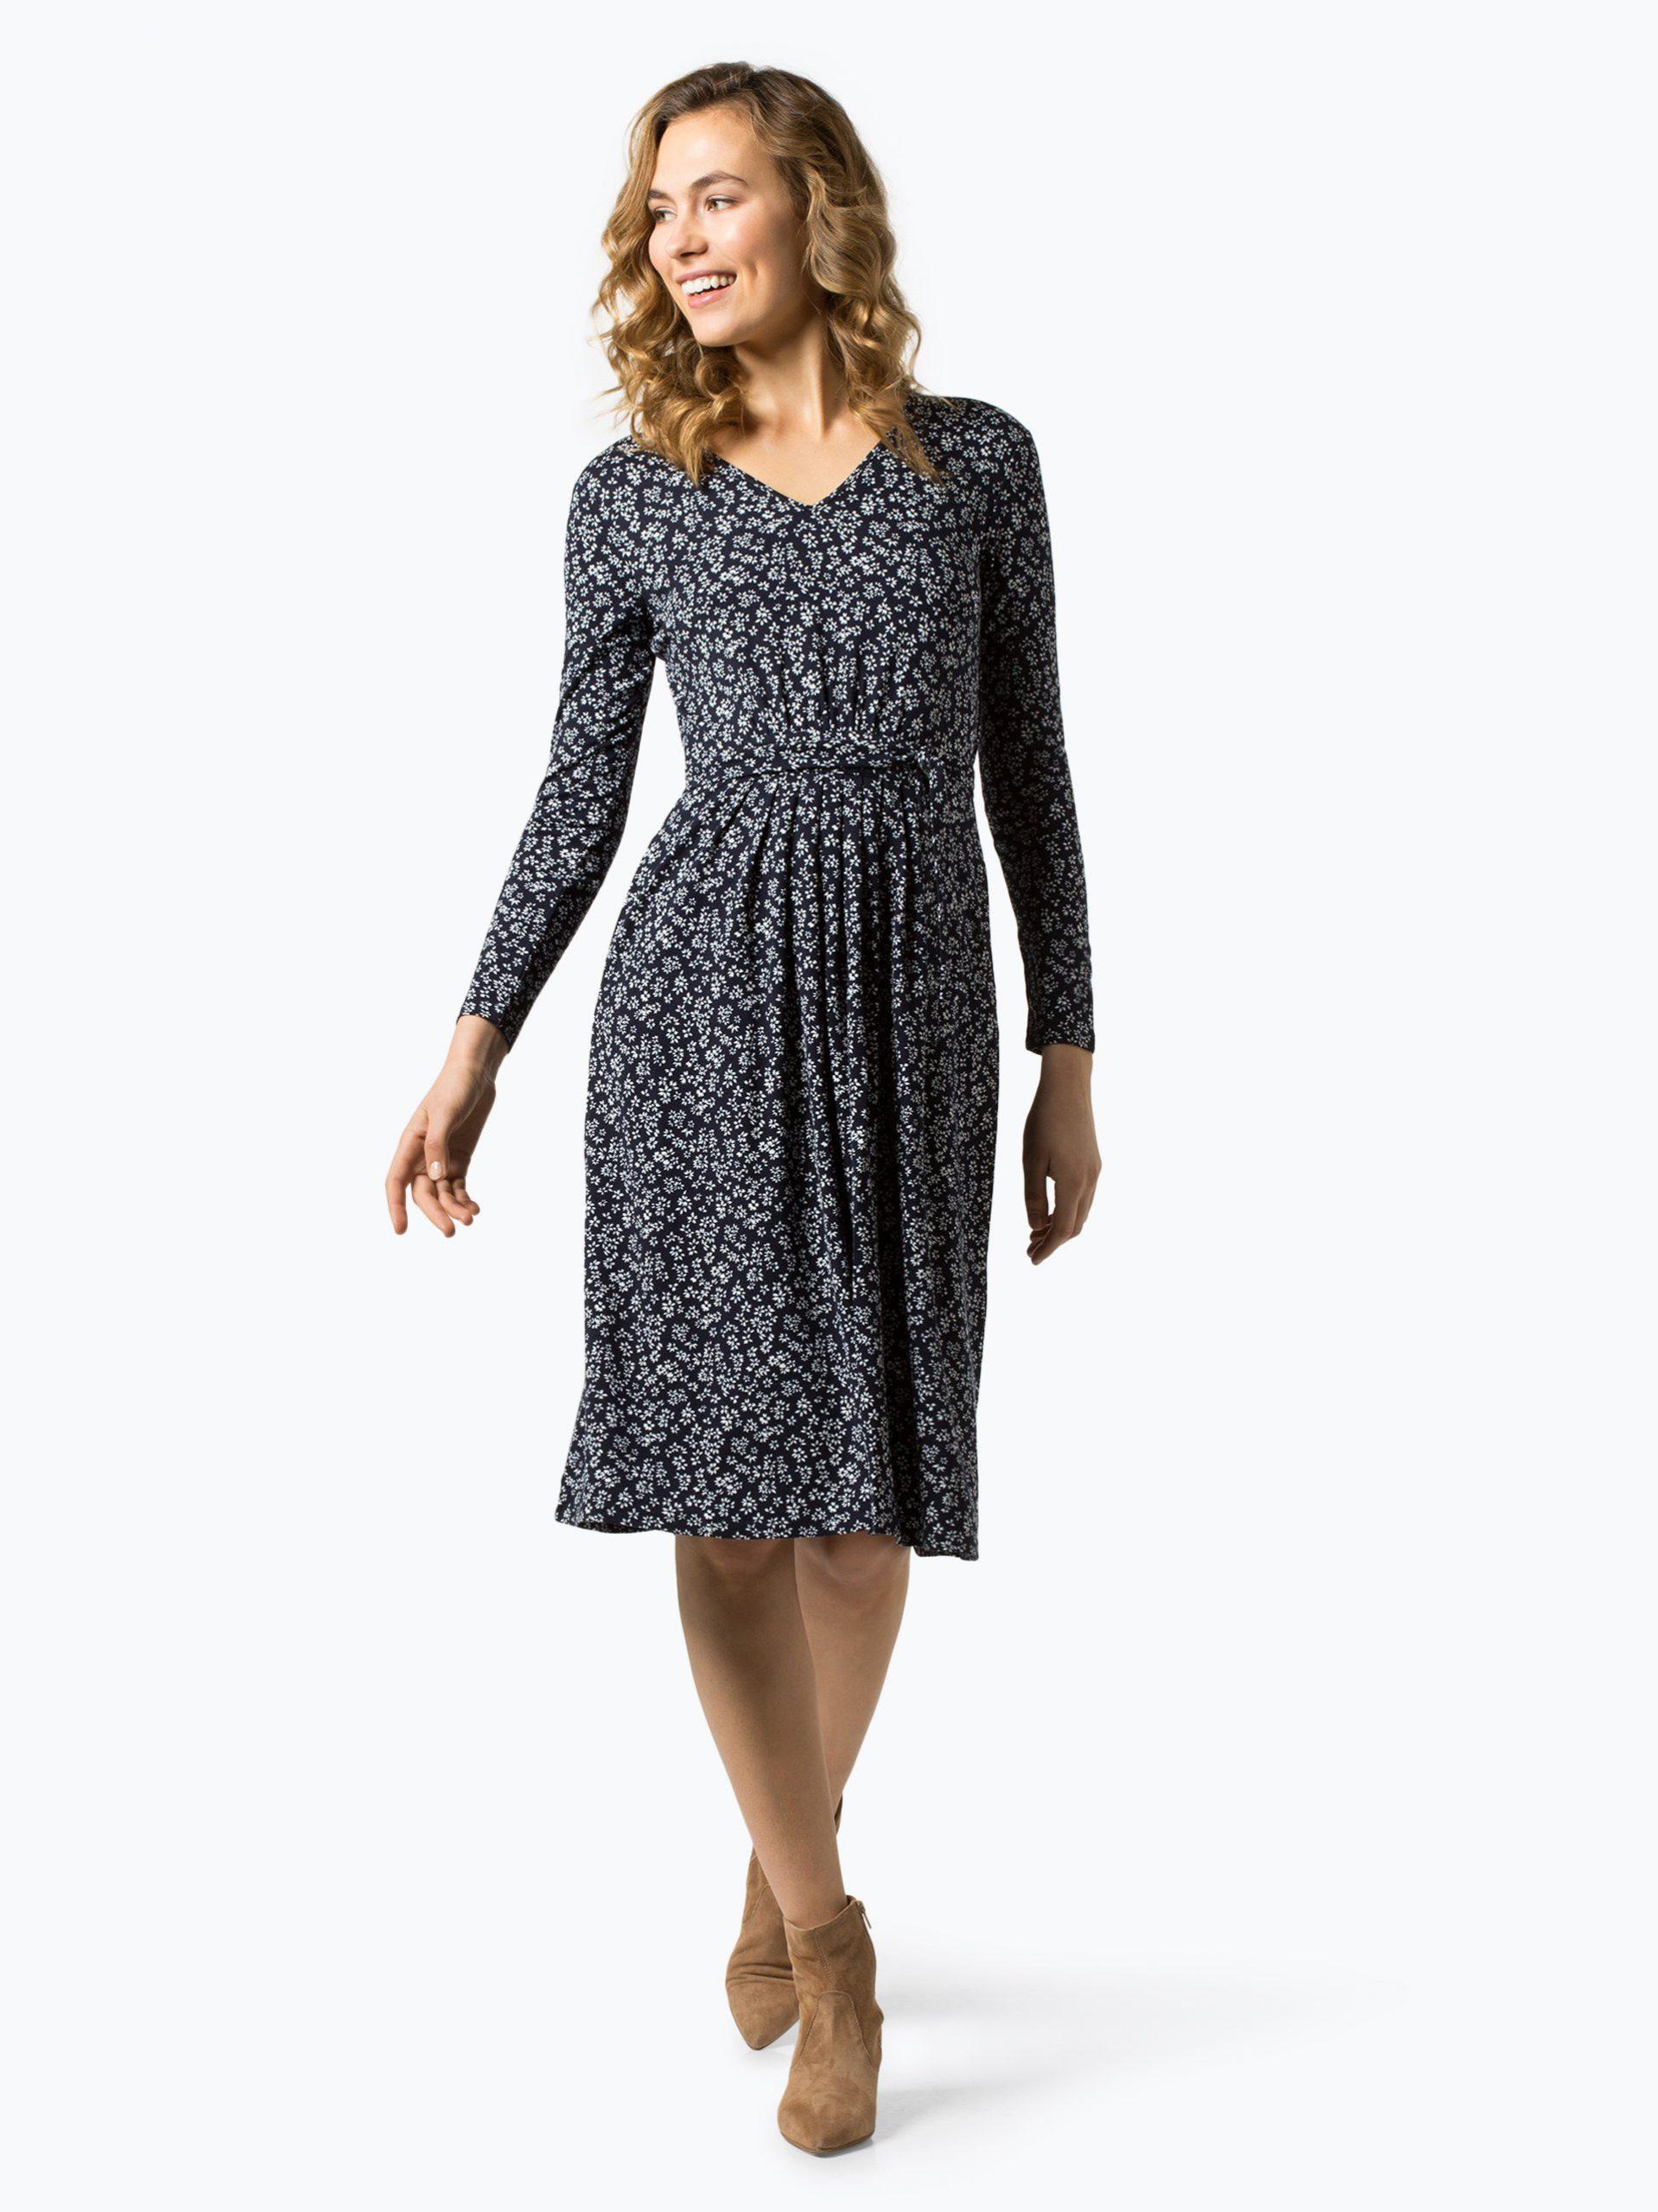 13 Cool Max Mara Abend Kleider für 201913 Luxurius Max Mara Abend Kleider Spezialgebiet